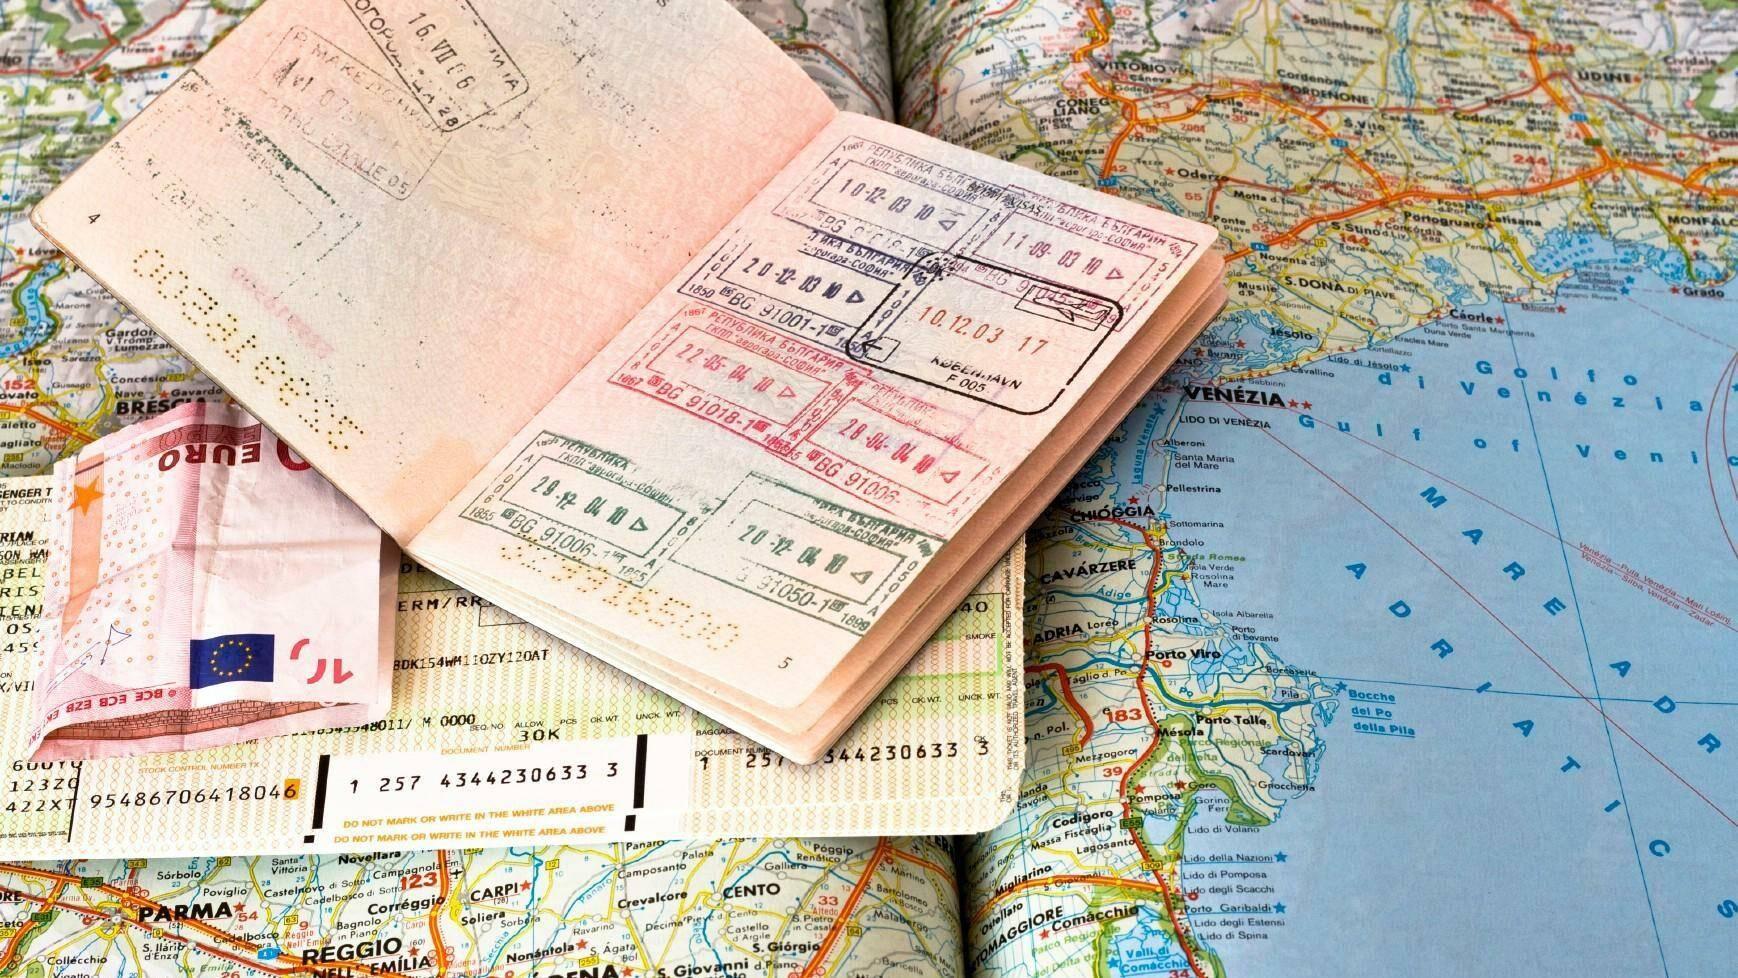 Виза в грецию нужна ли для россиян в 2021 году, цена и сколько стоит греческая виза, сколько делается, как получить самостоятельно